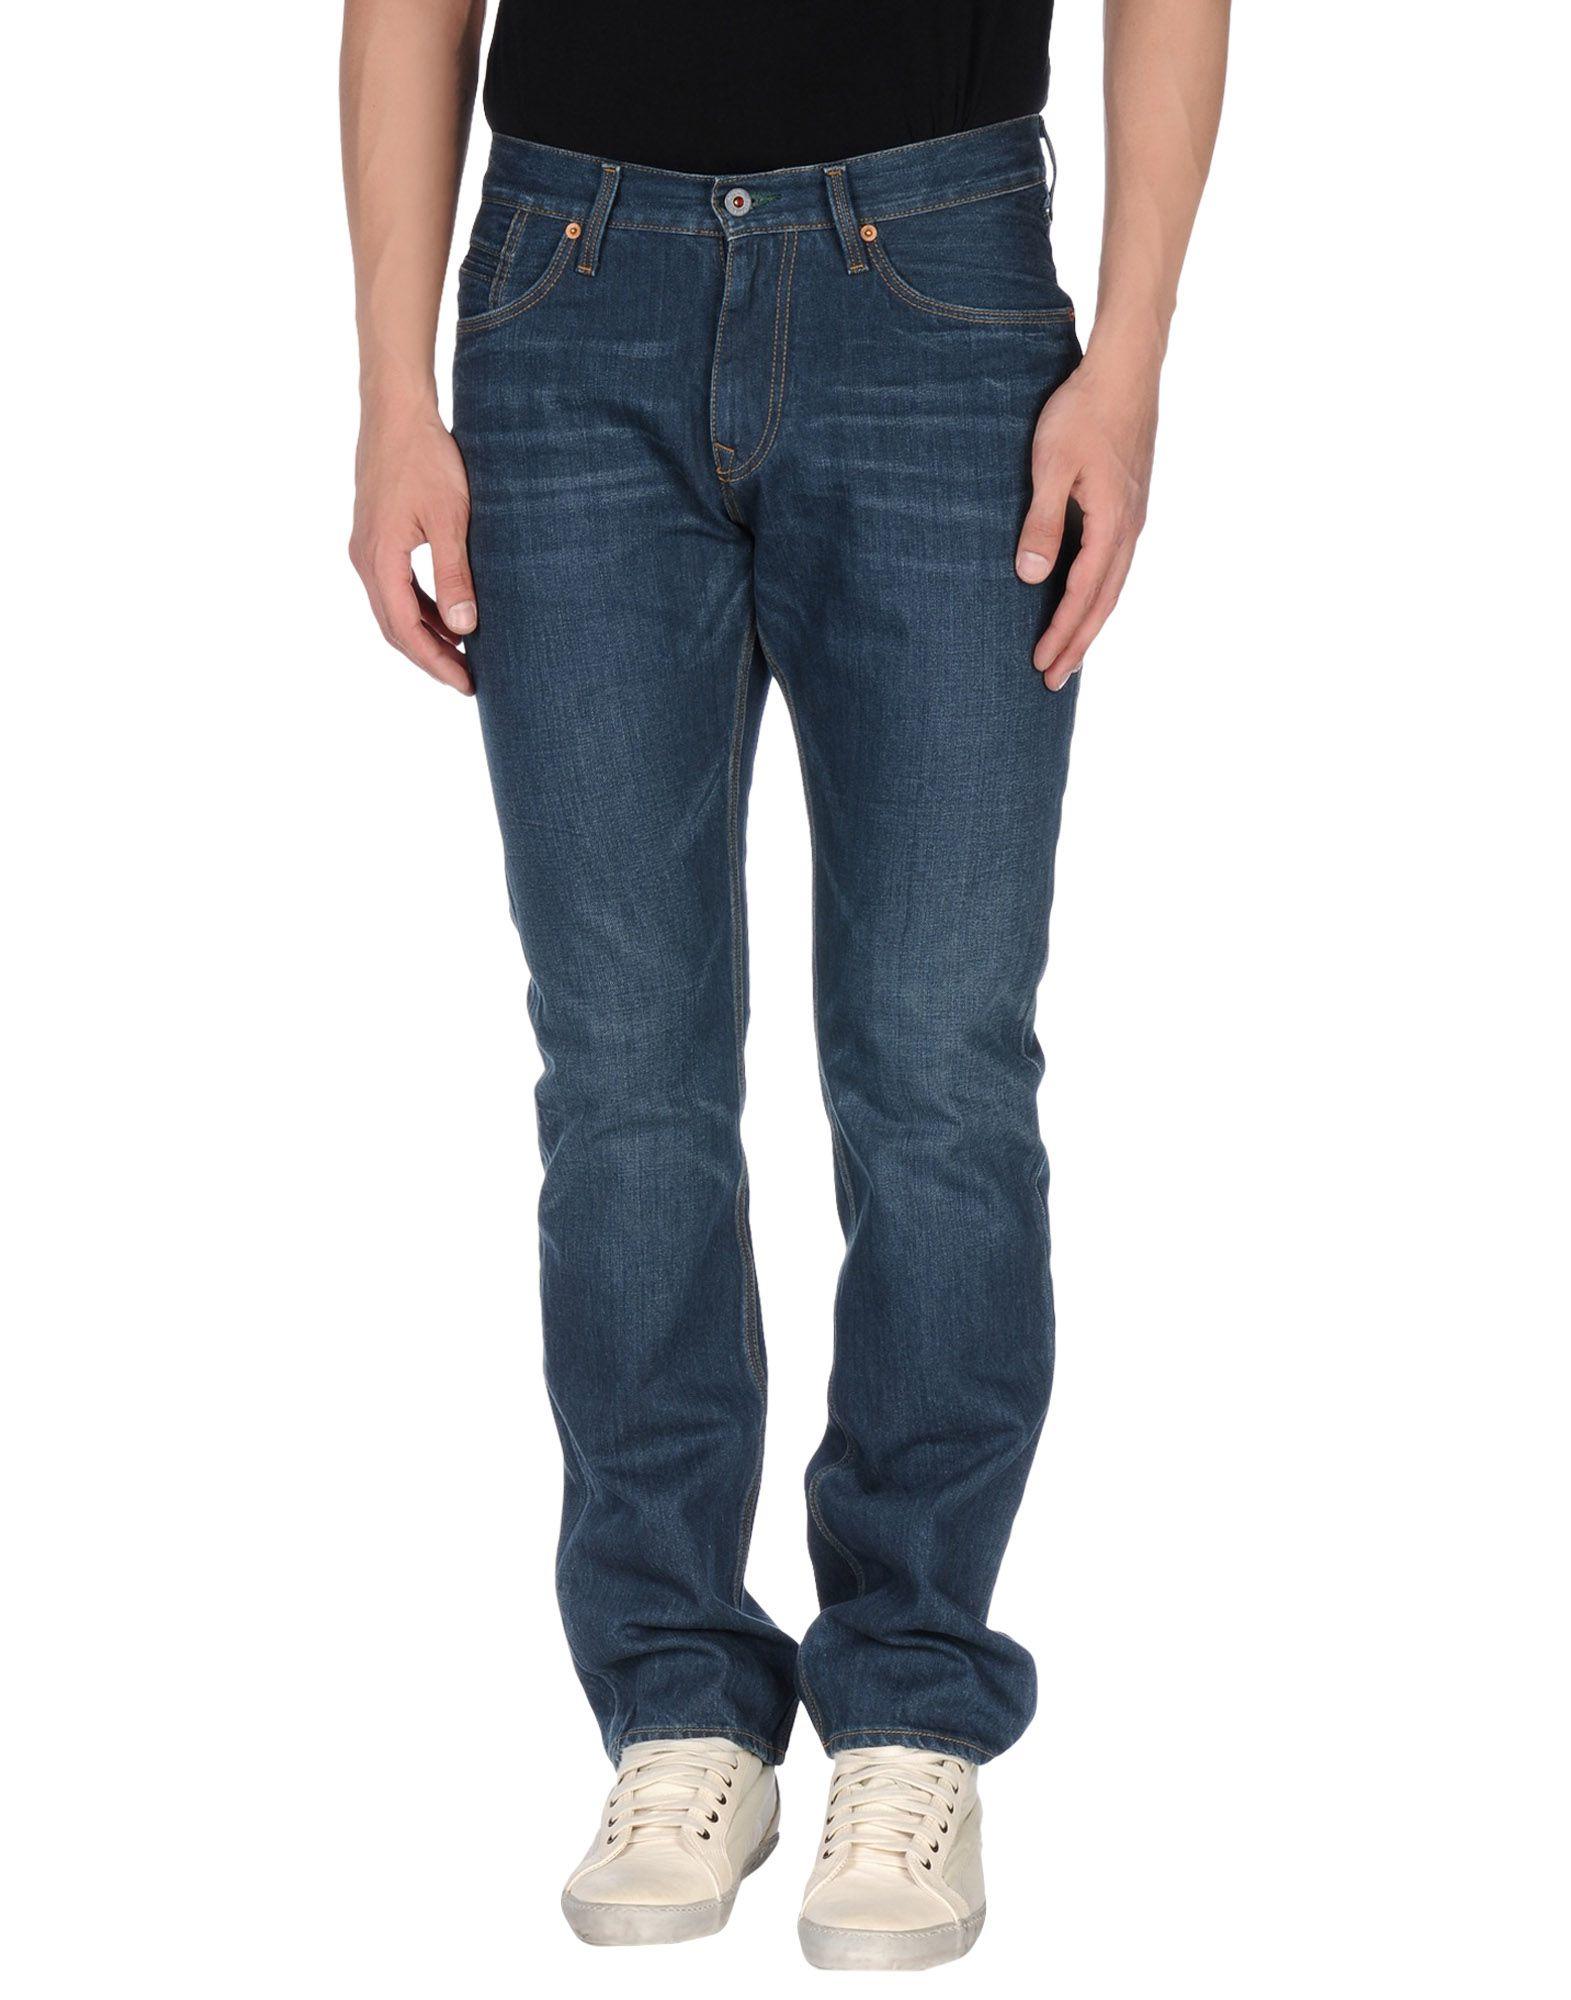 lyst tommy hilfiger denim trousers in blue for men. Black Bedroom Furniture Sets. Home Design Ideas